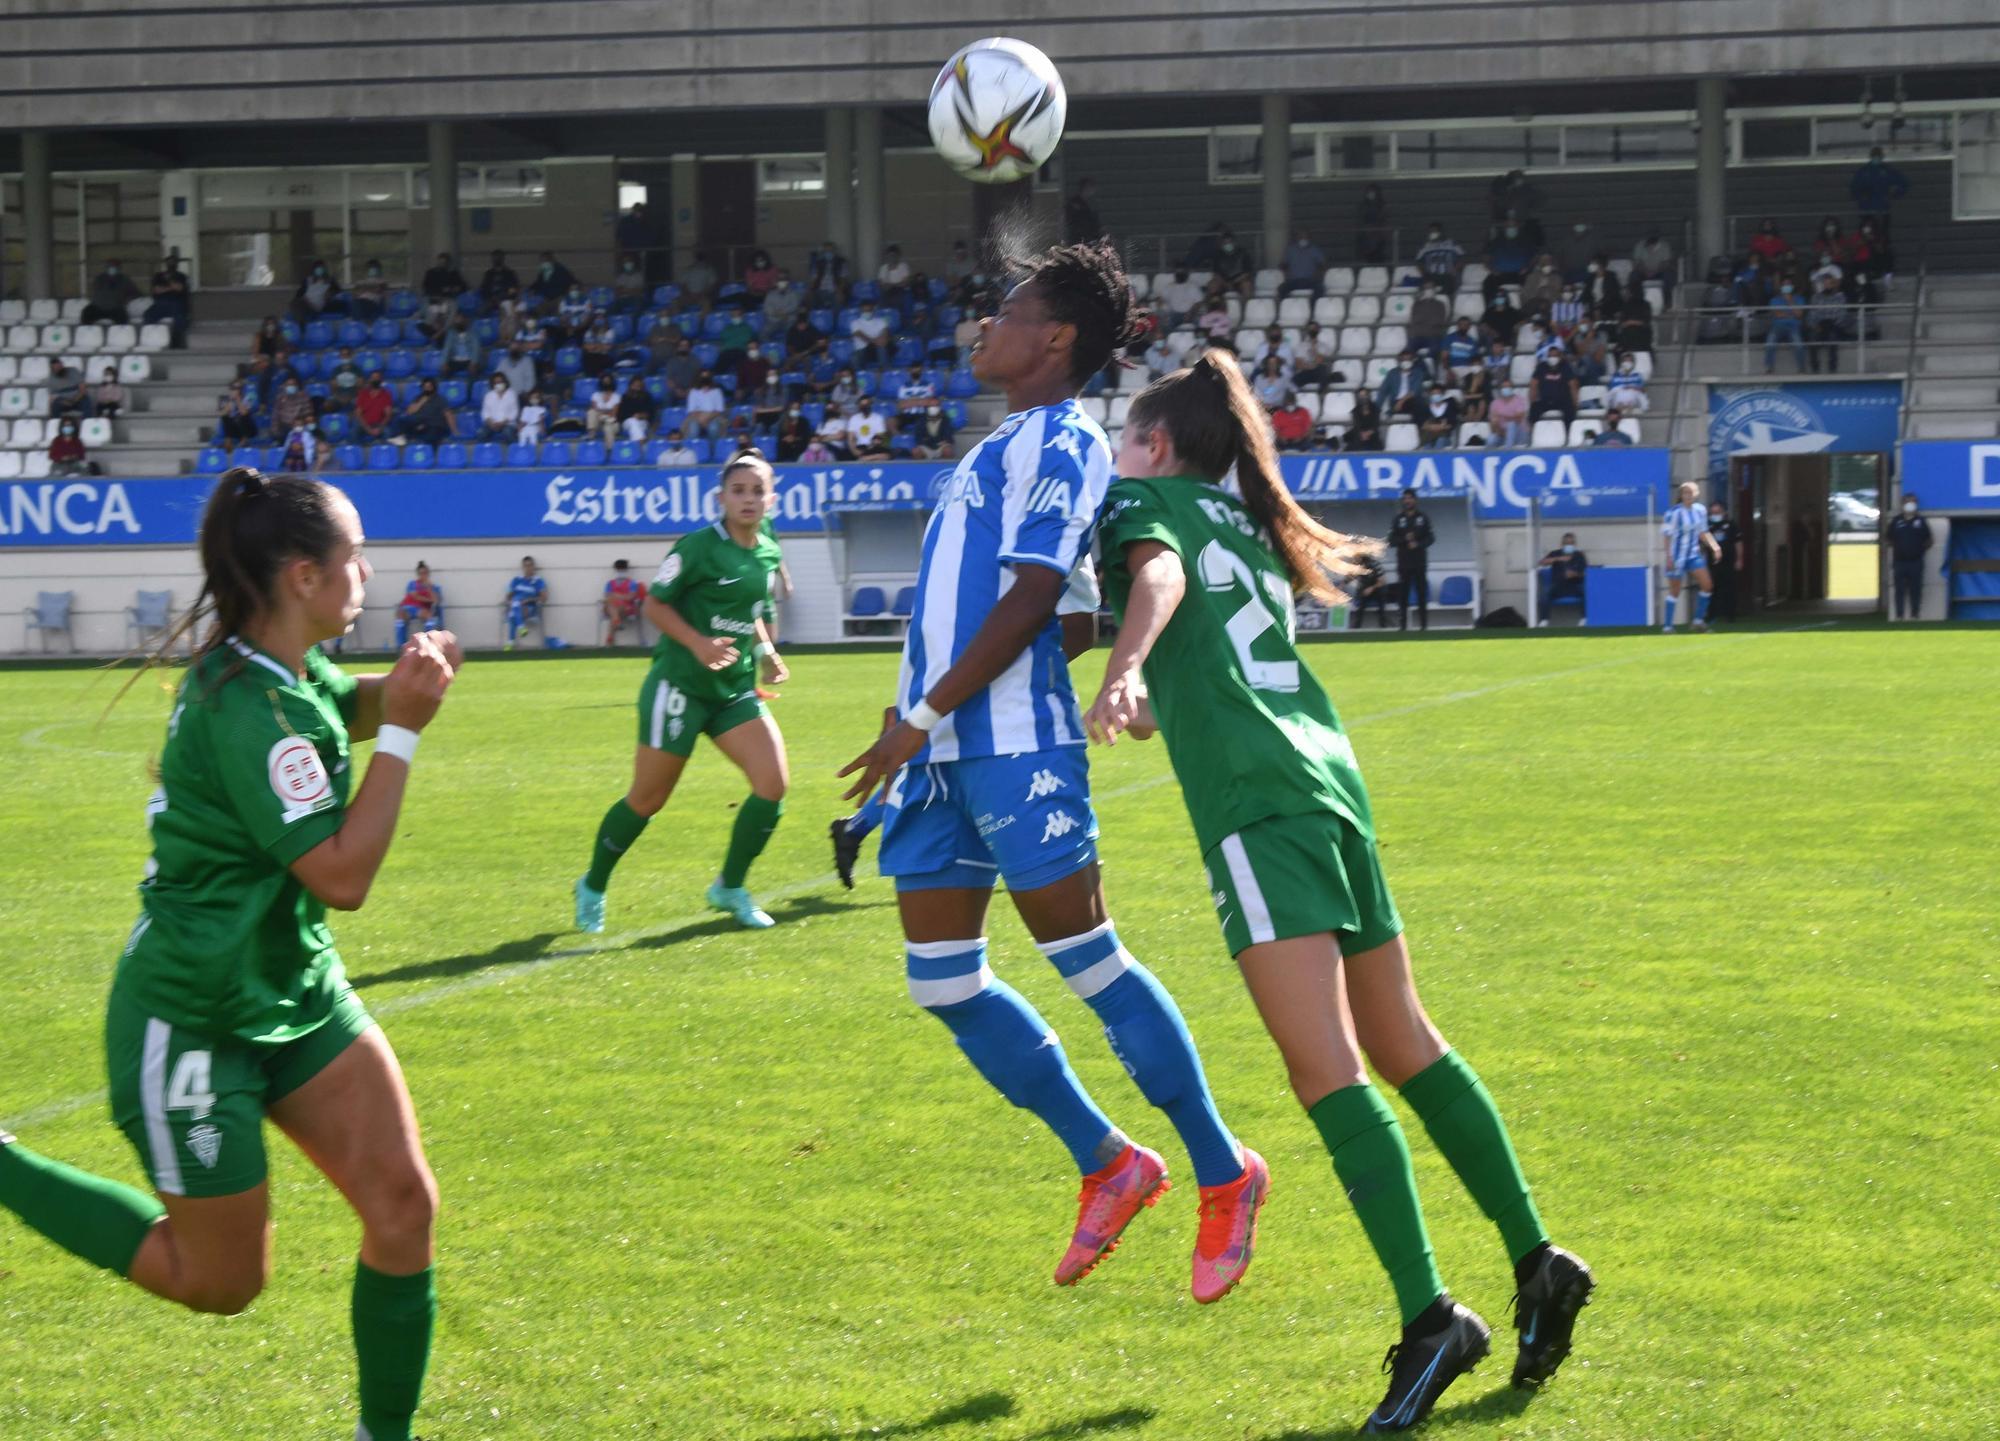 El Dépor Abanca doblega 1-0 en el último minuto al Sporting